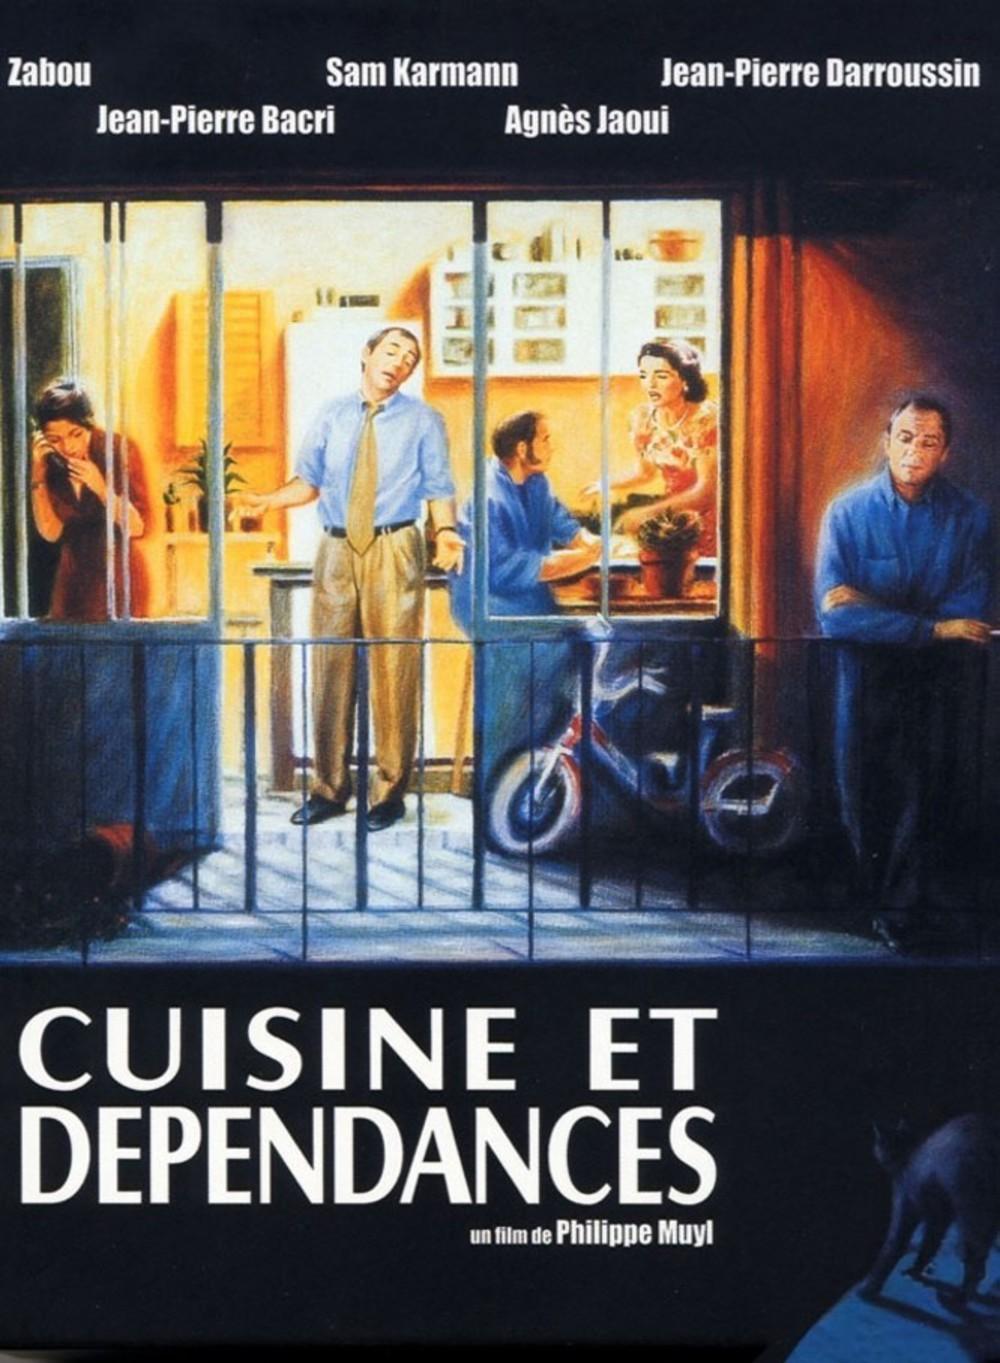 Cuisine et dépendances de Philippe Muyl